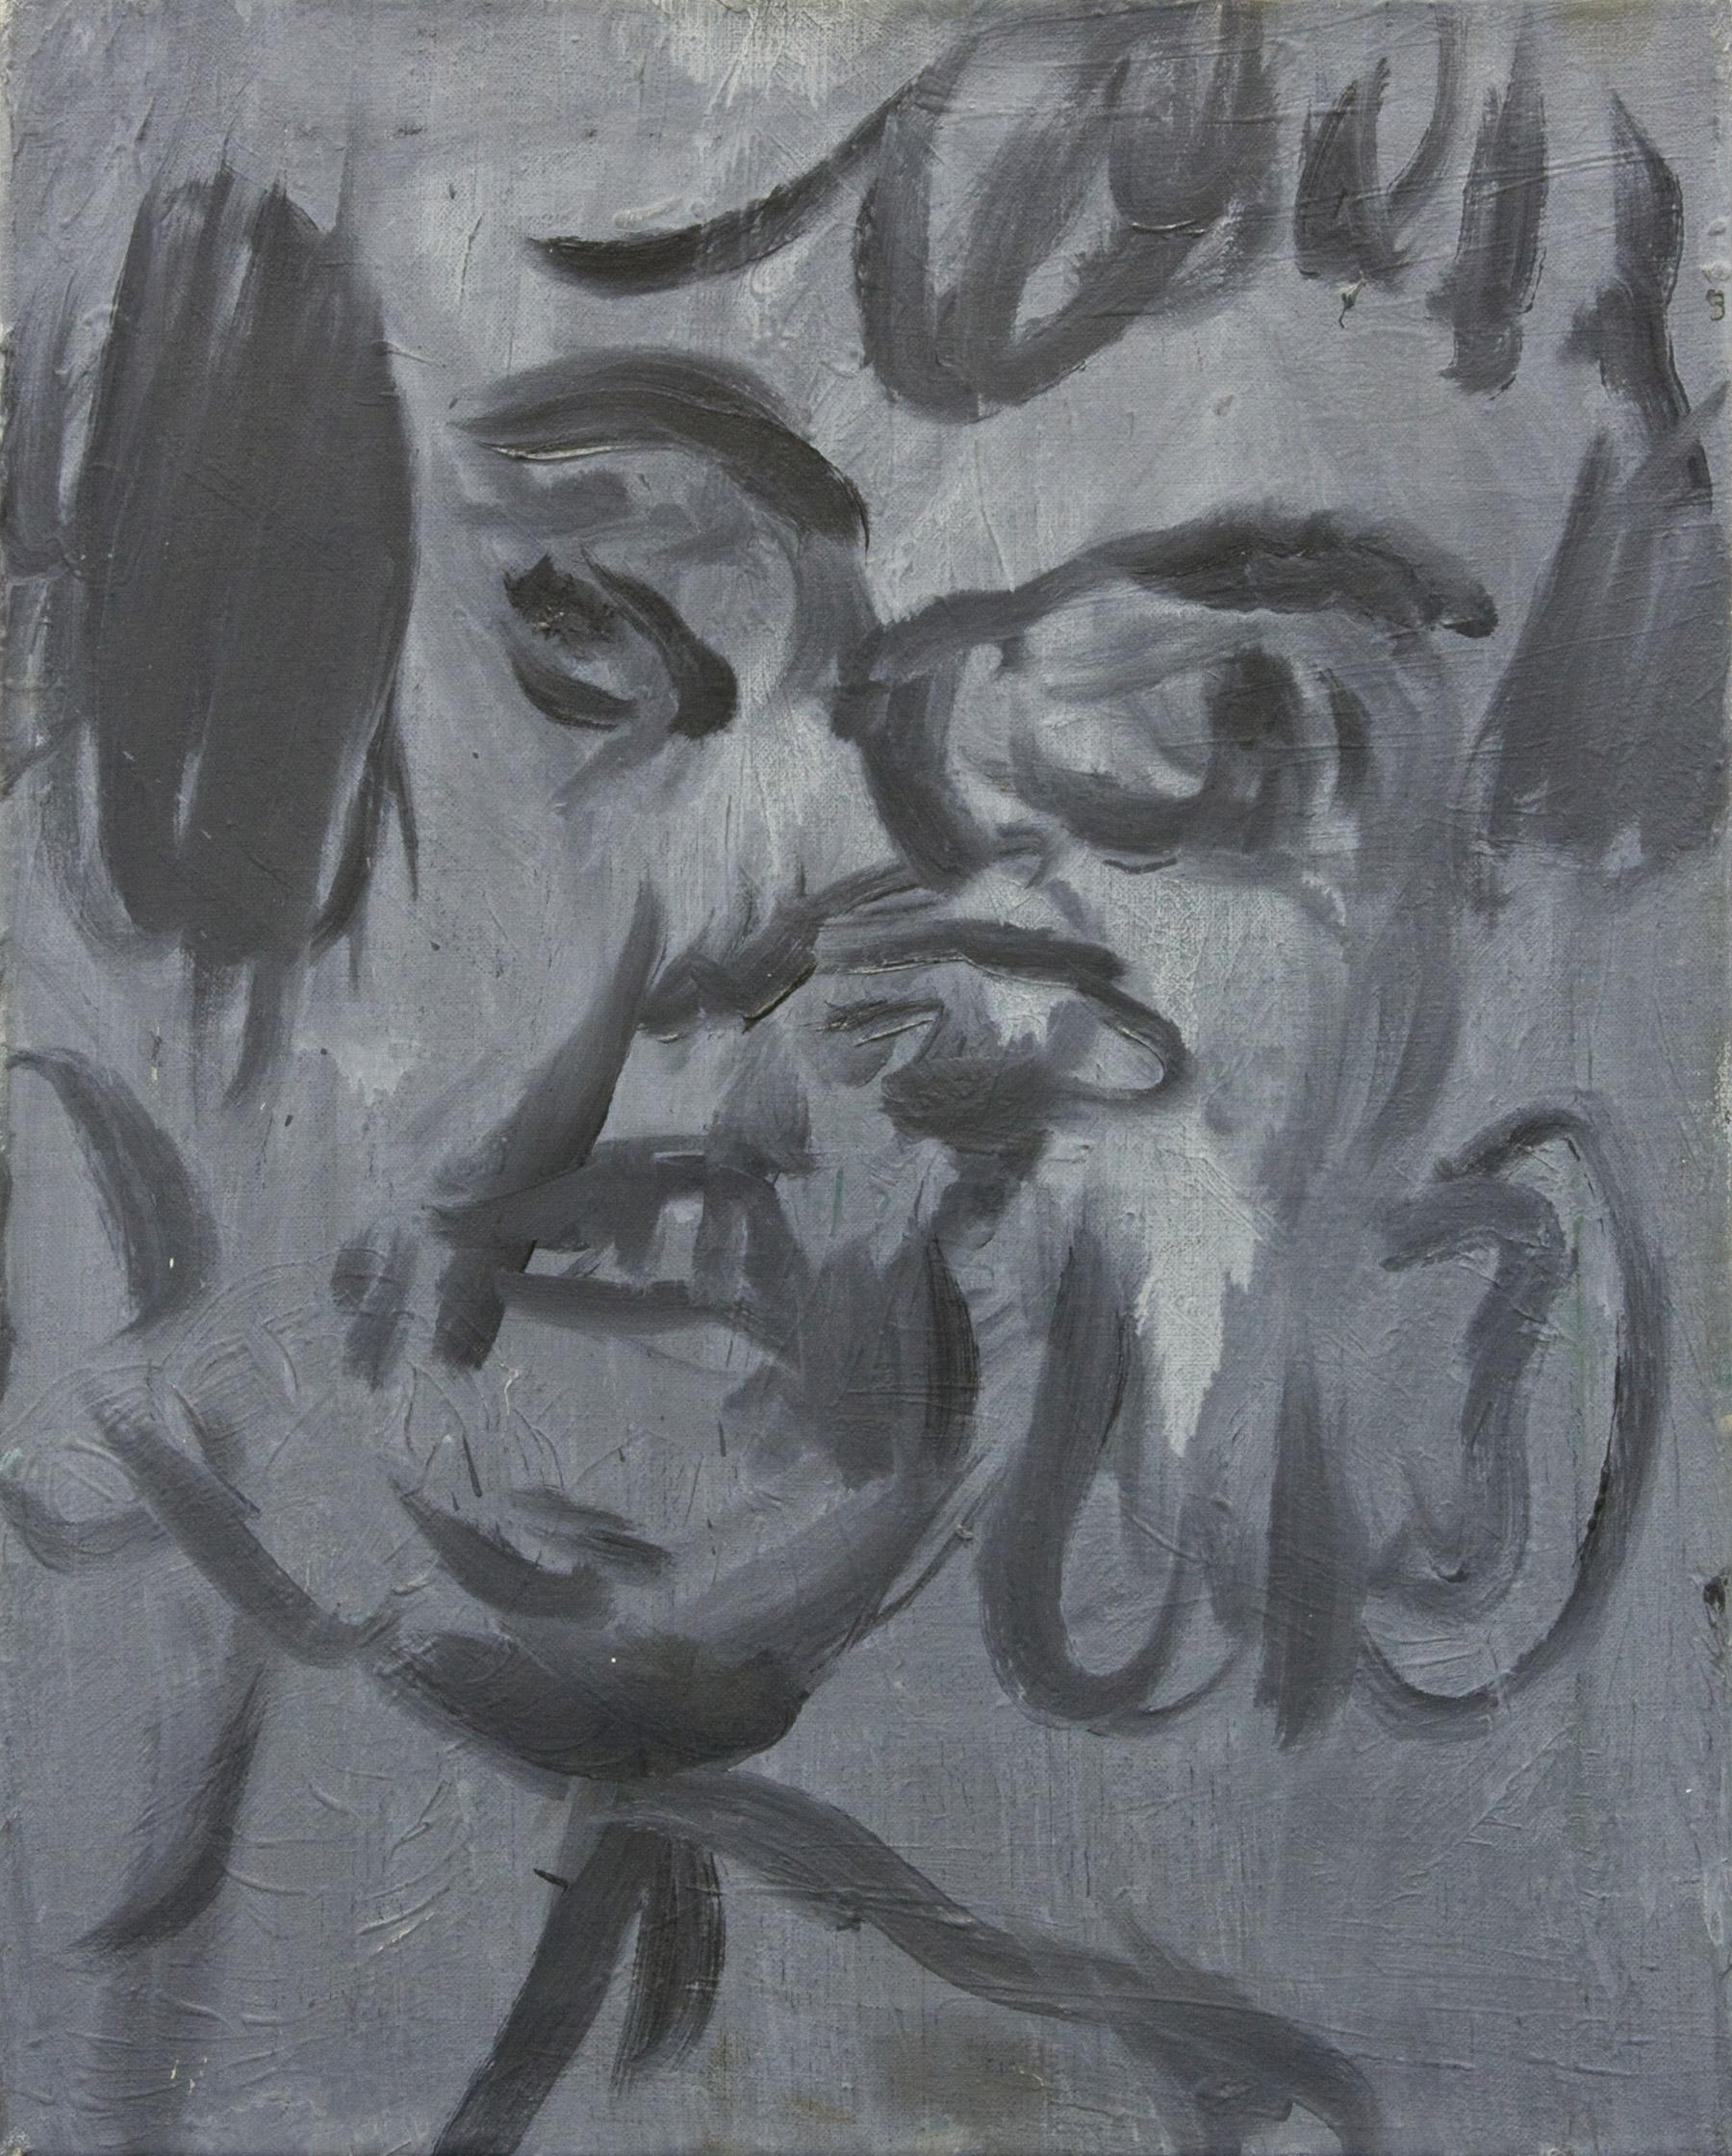 'Self' 2015   Oil on linen. 50 x 40 cm